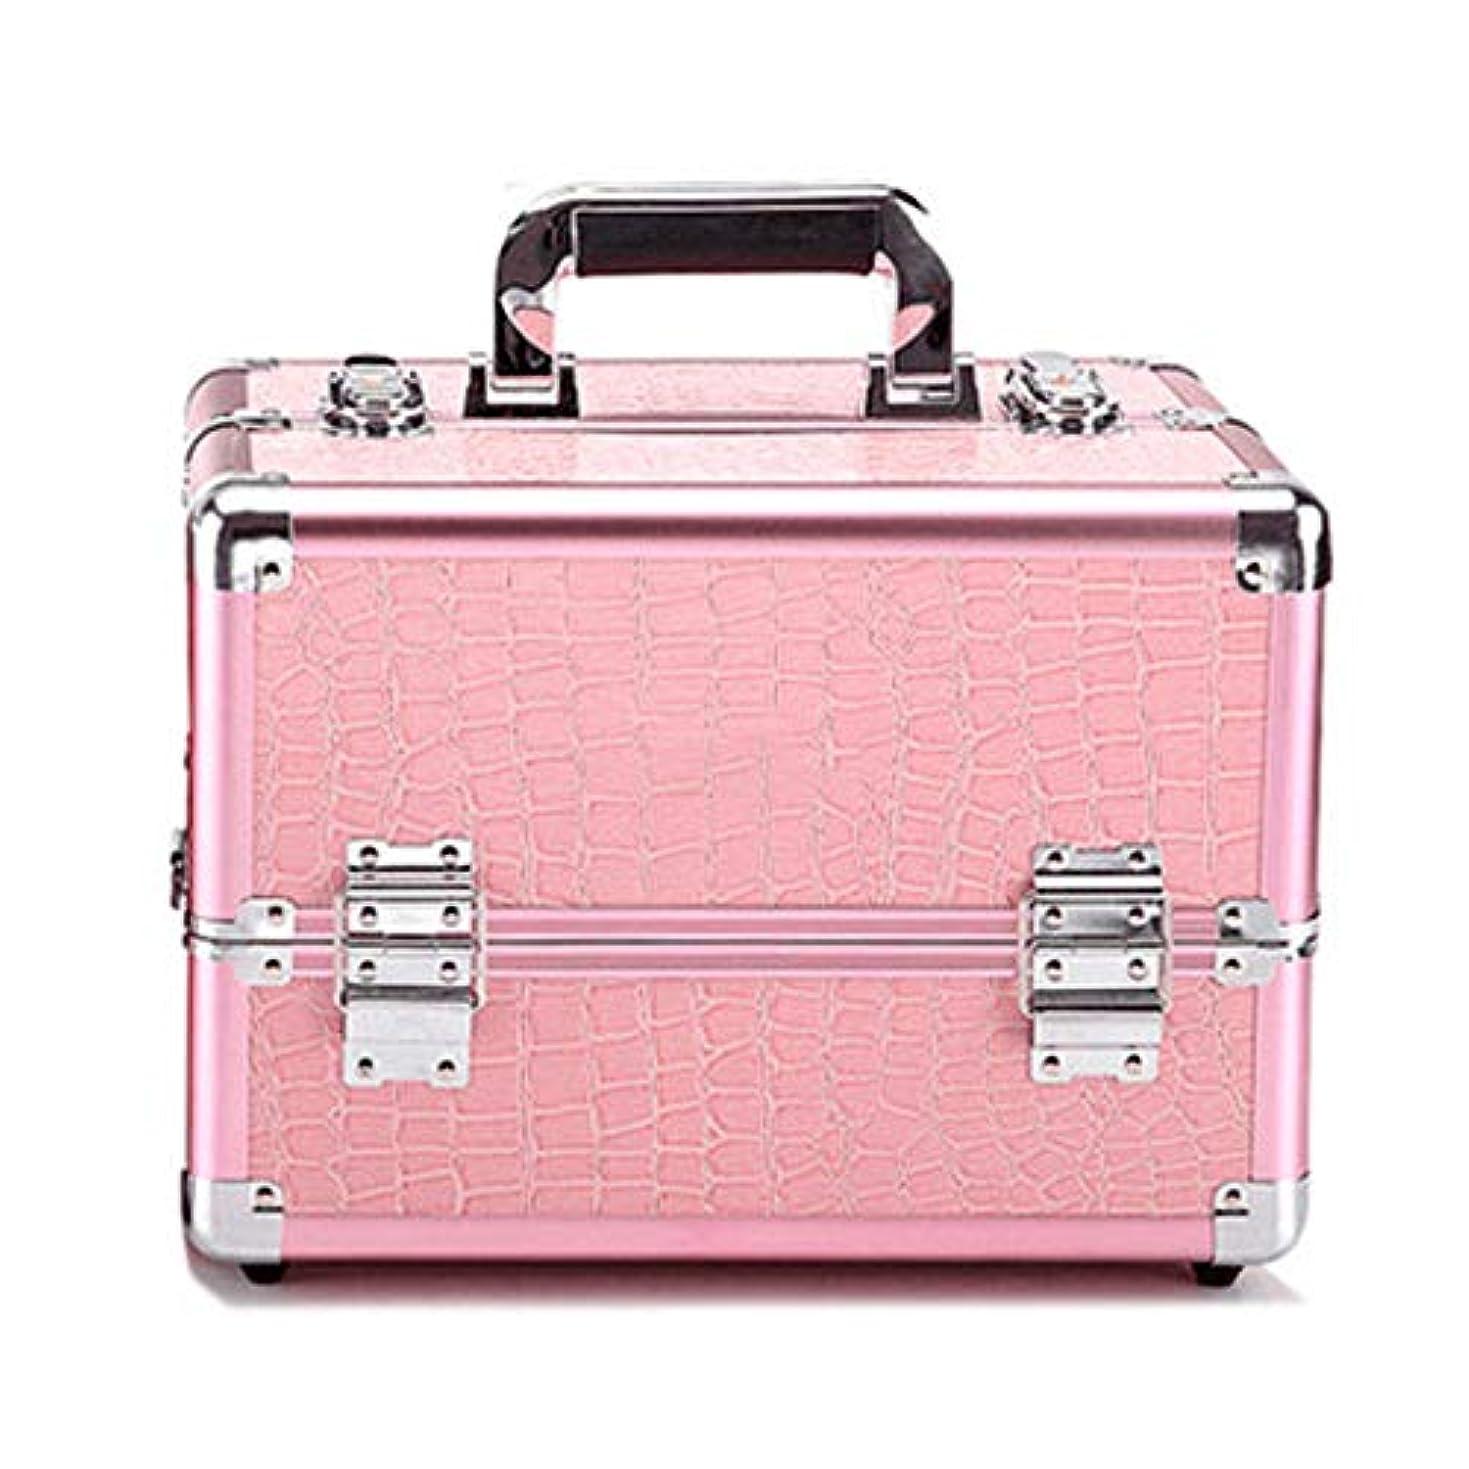 毛布徴収サイバースペース化粧オーガナイザーバッグ プロフェッショナルアルミの美容ケースは、ネイル化粧箱ベニチオオーガナイザーのワニパターンをメイクアップ 化粧品ケース (色 : Pink(M))